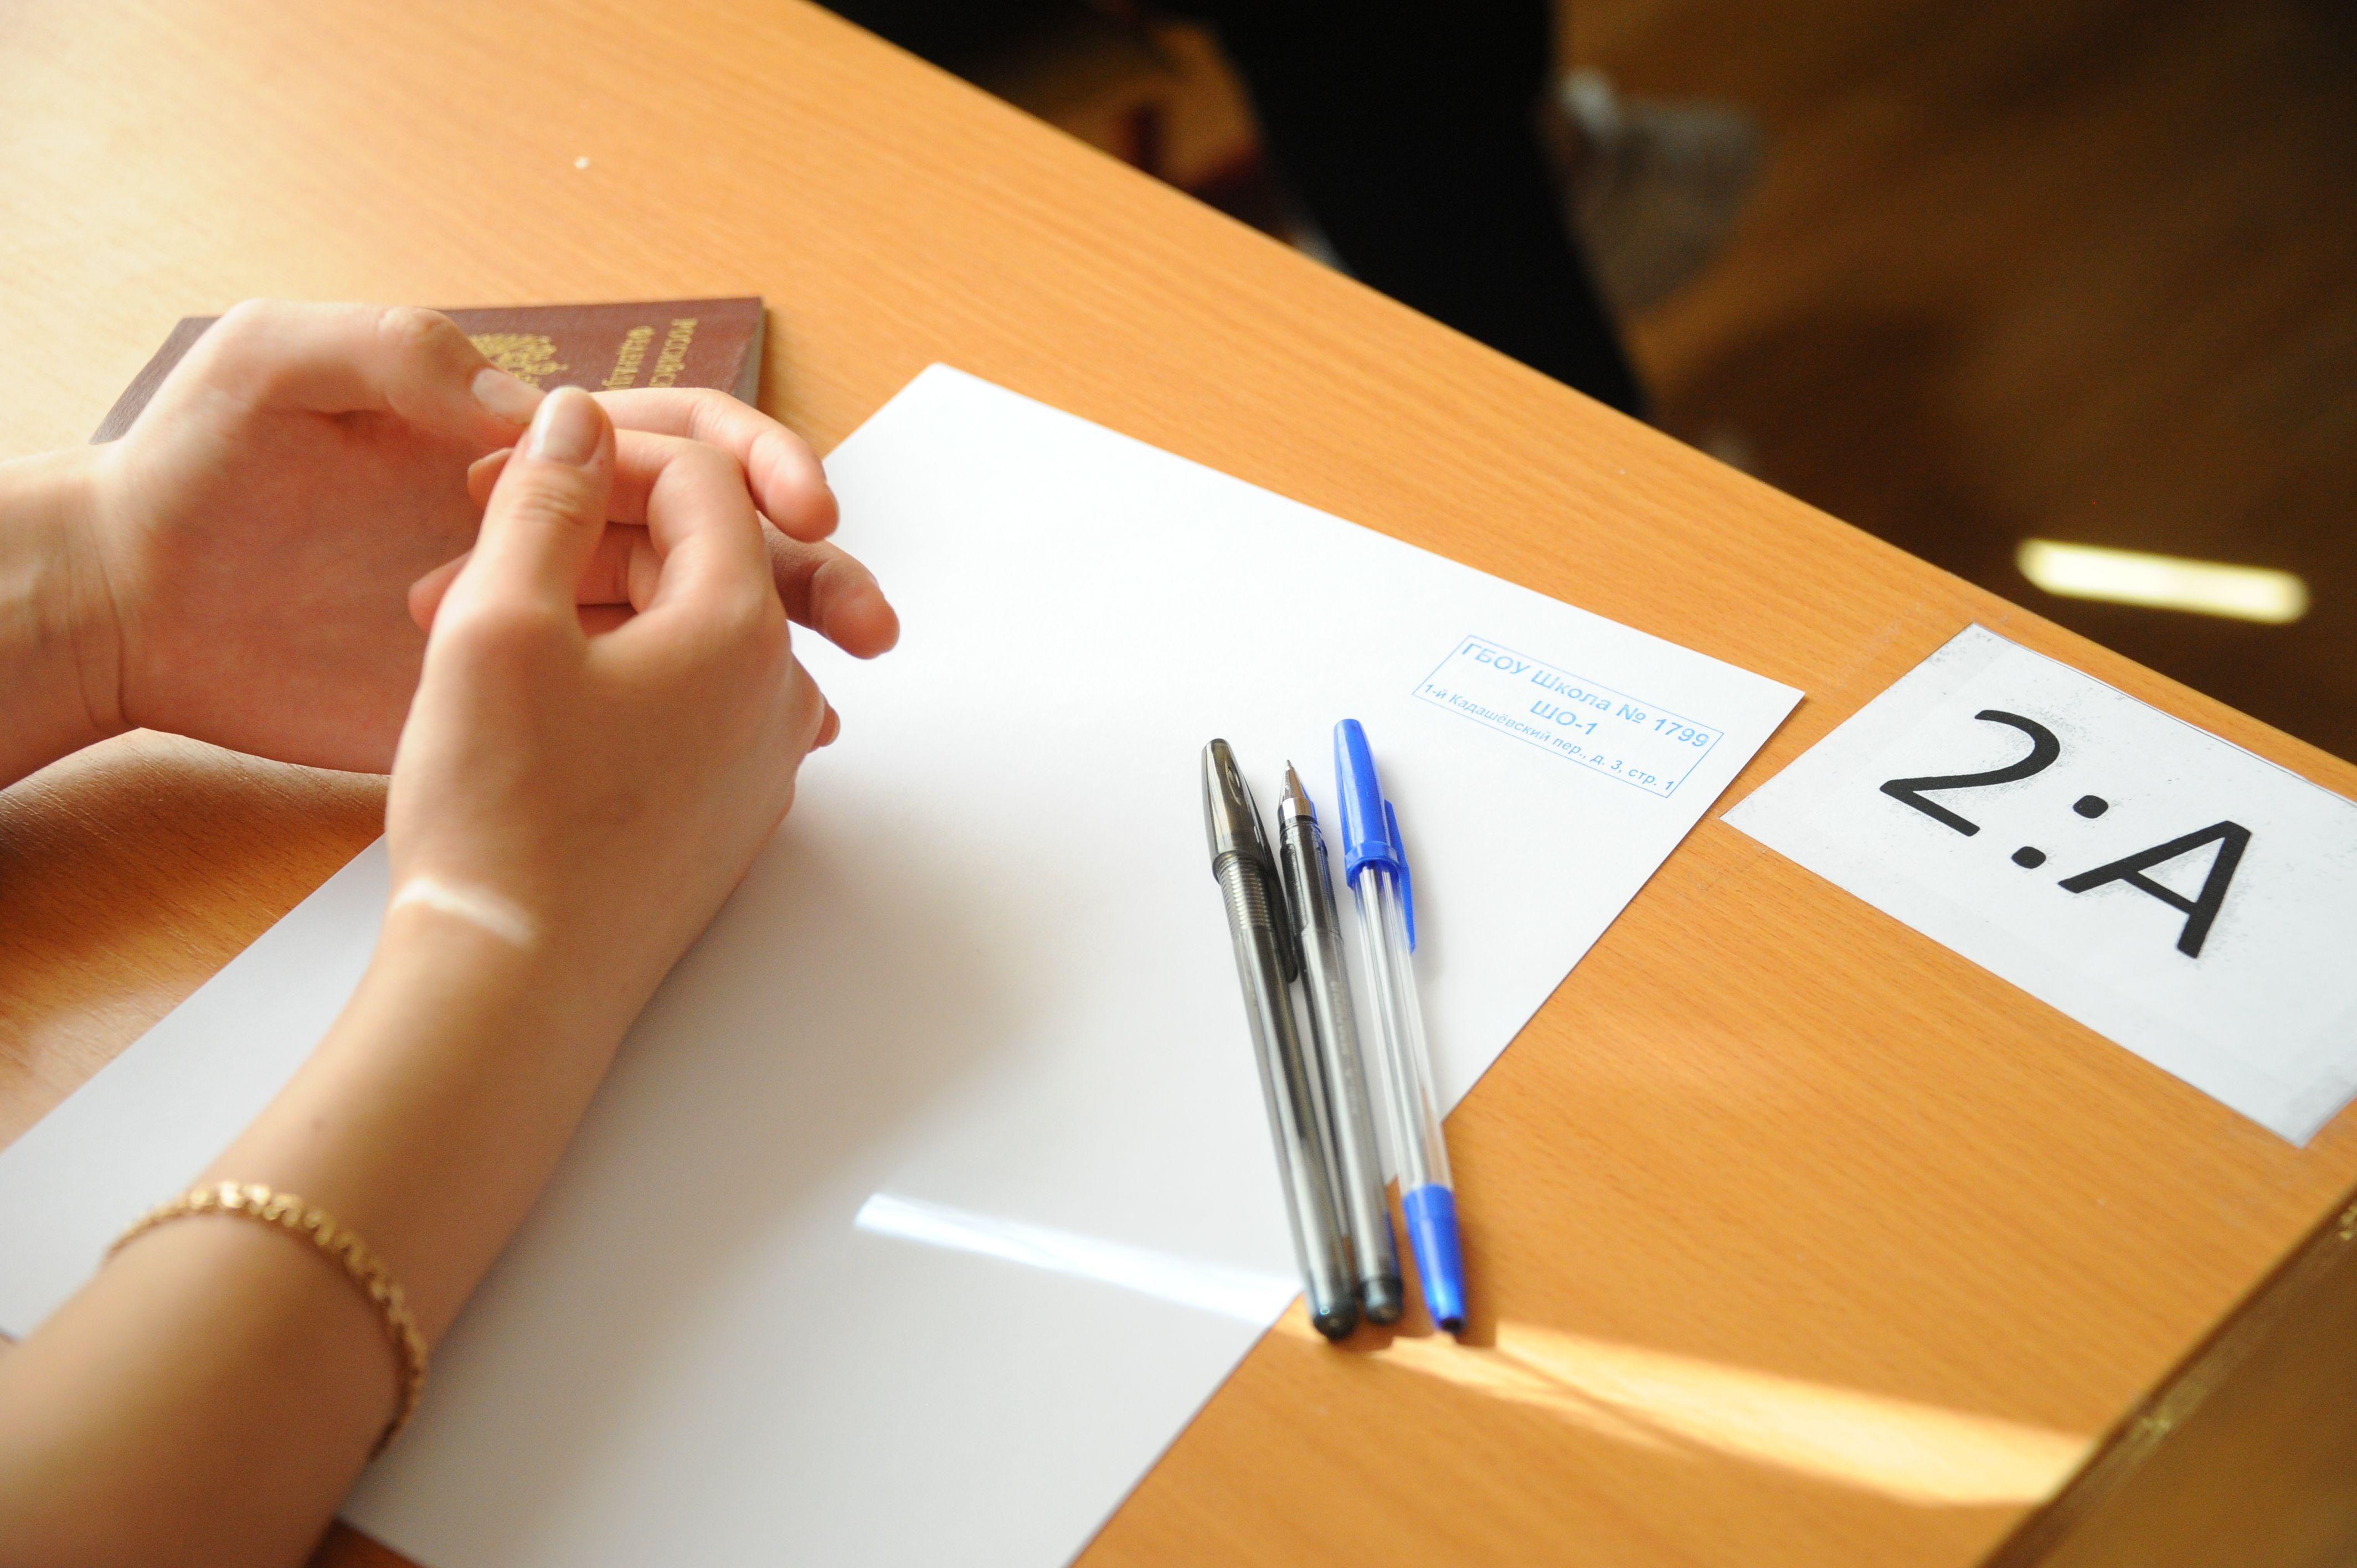 Около 80 тысяч выпускников в Москве планируют сдавать ЕГЭ в этом году